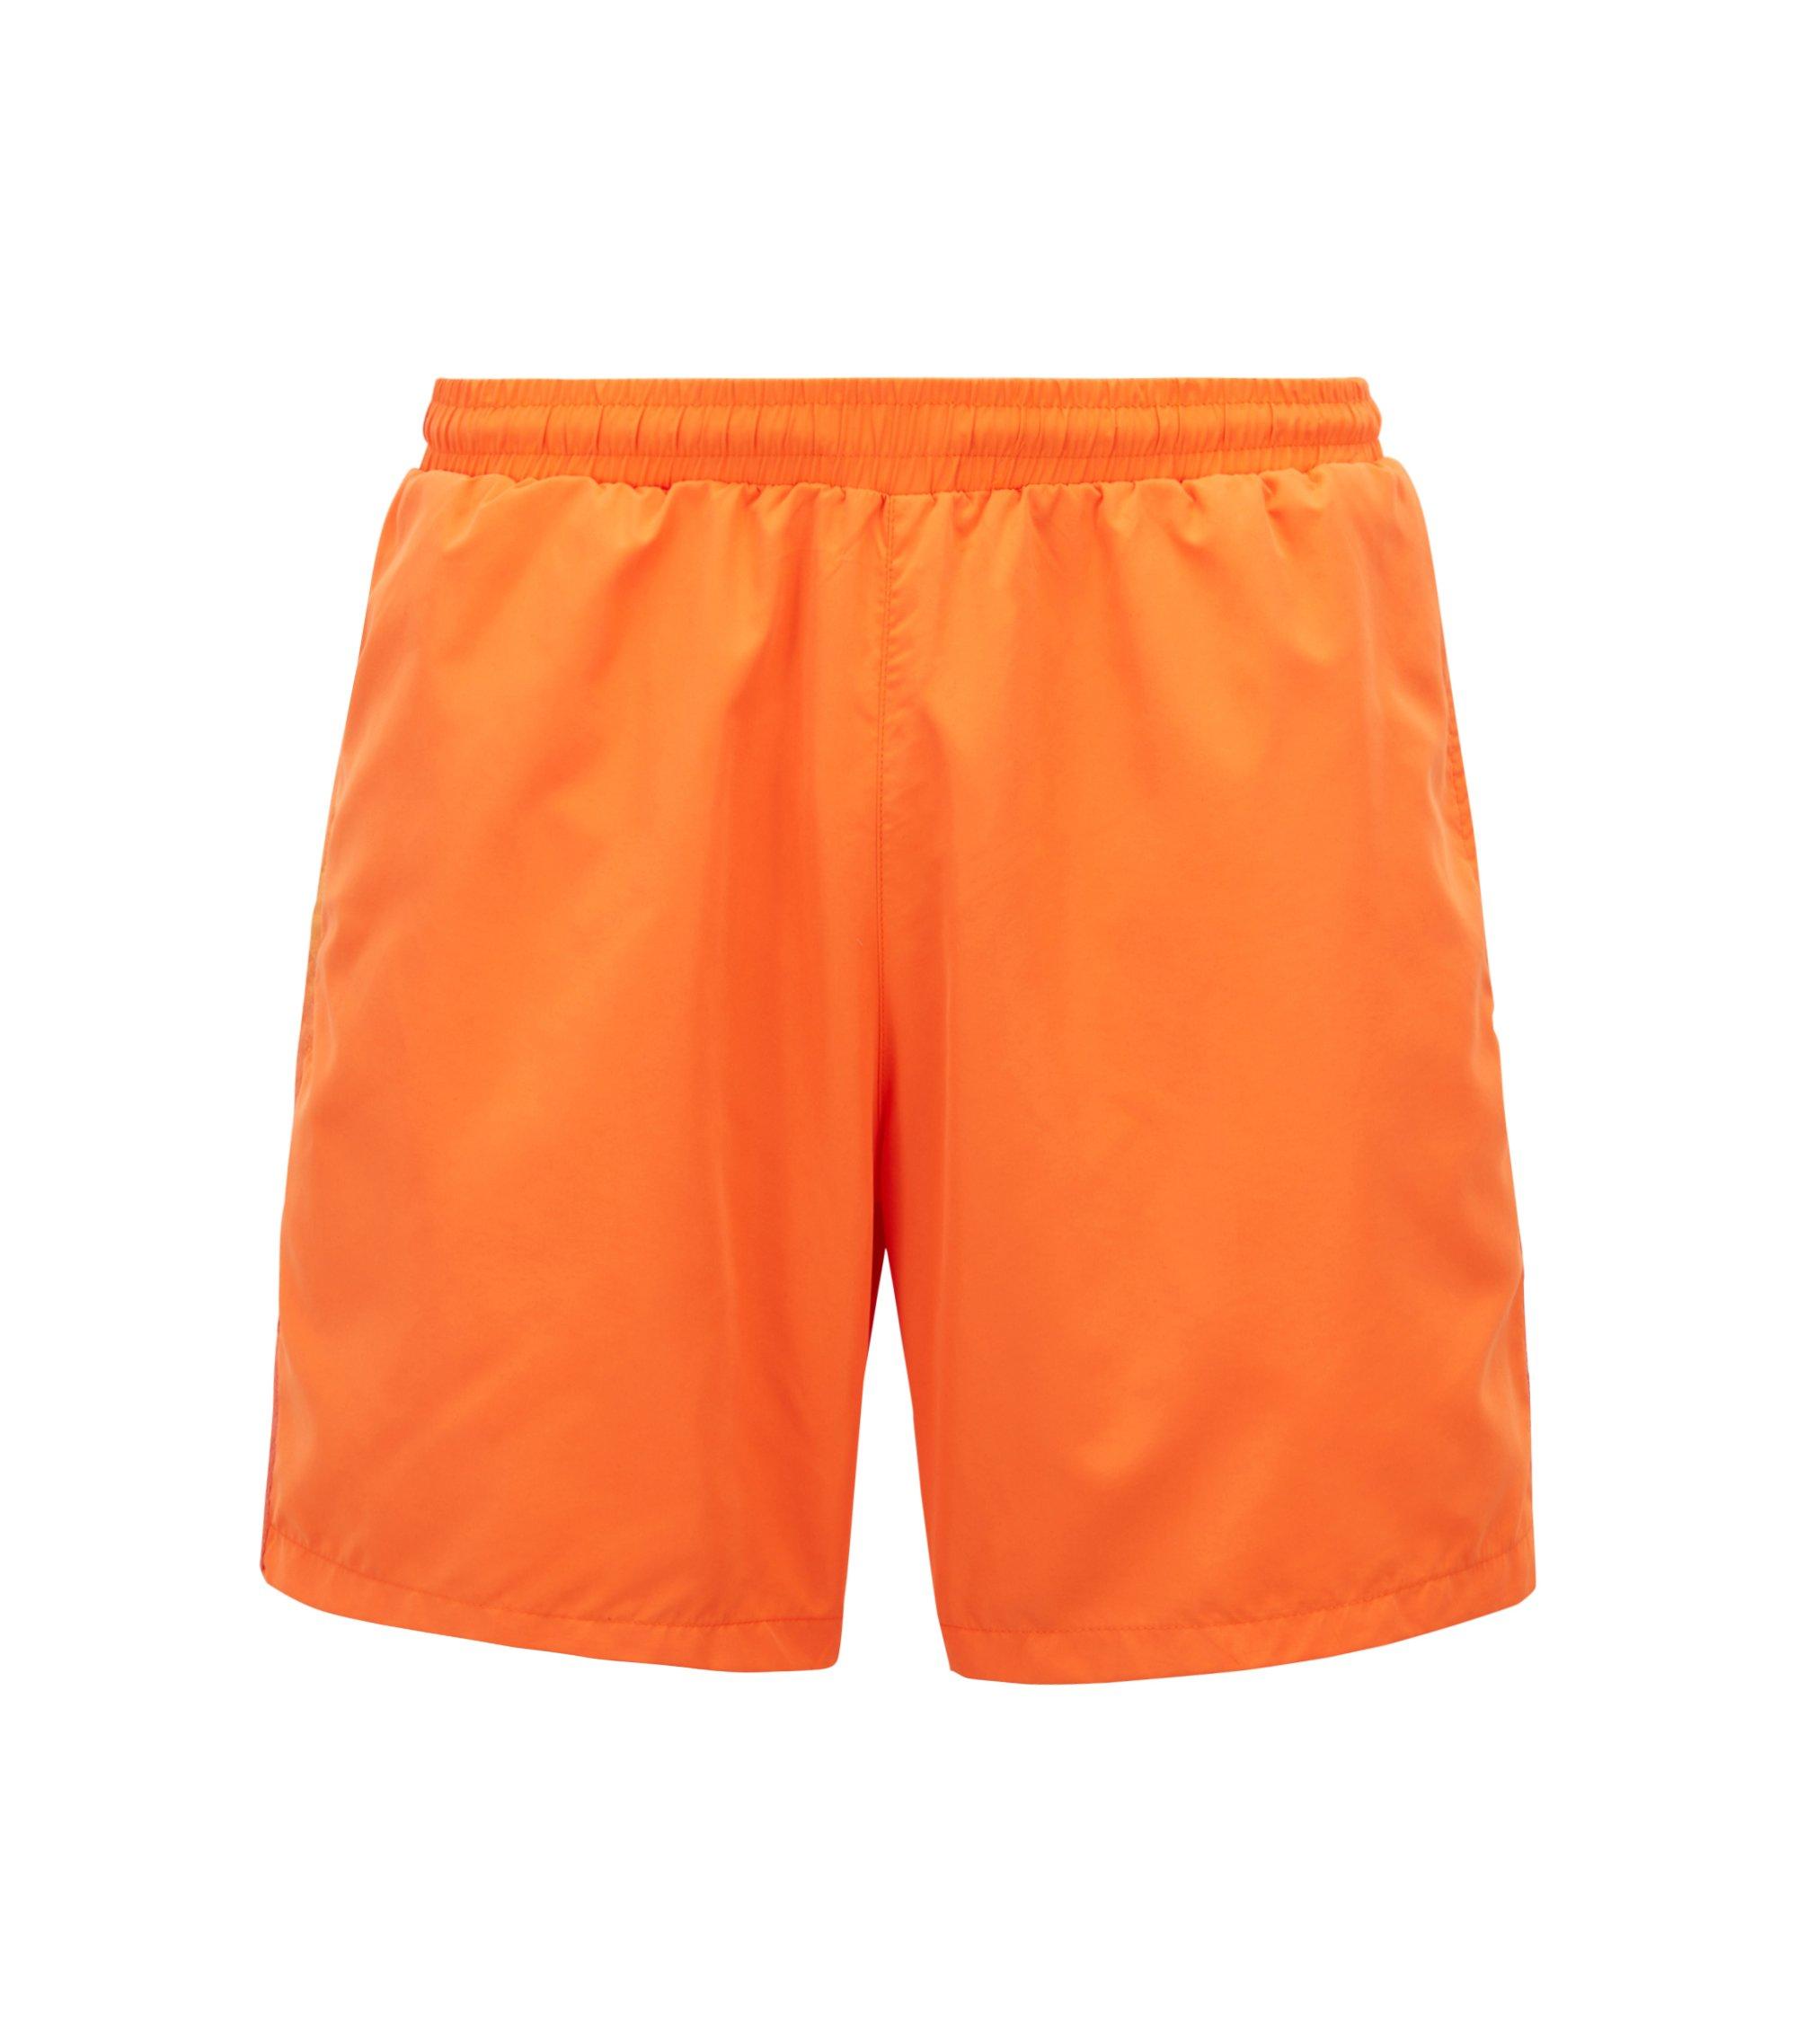 Short de bain au séchage rapide, en tissu technique, Orange